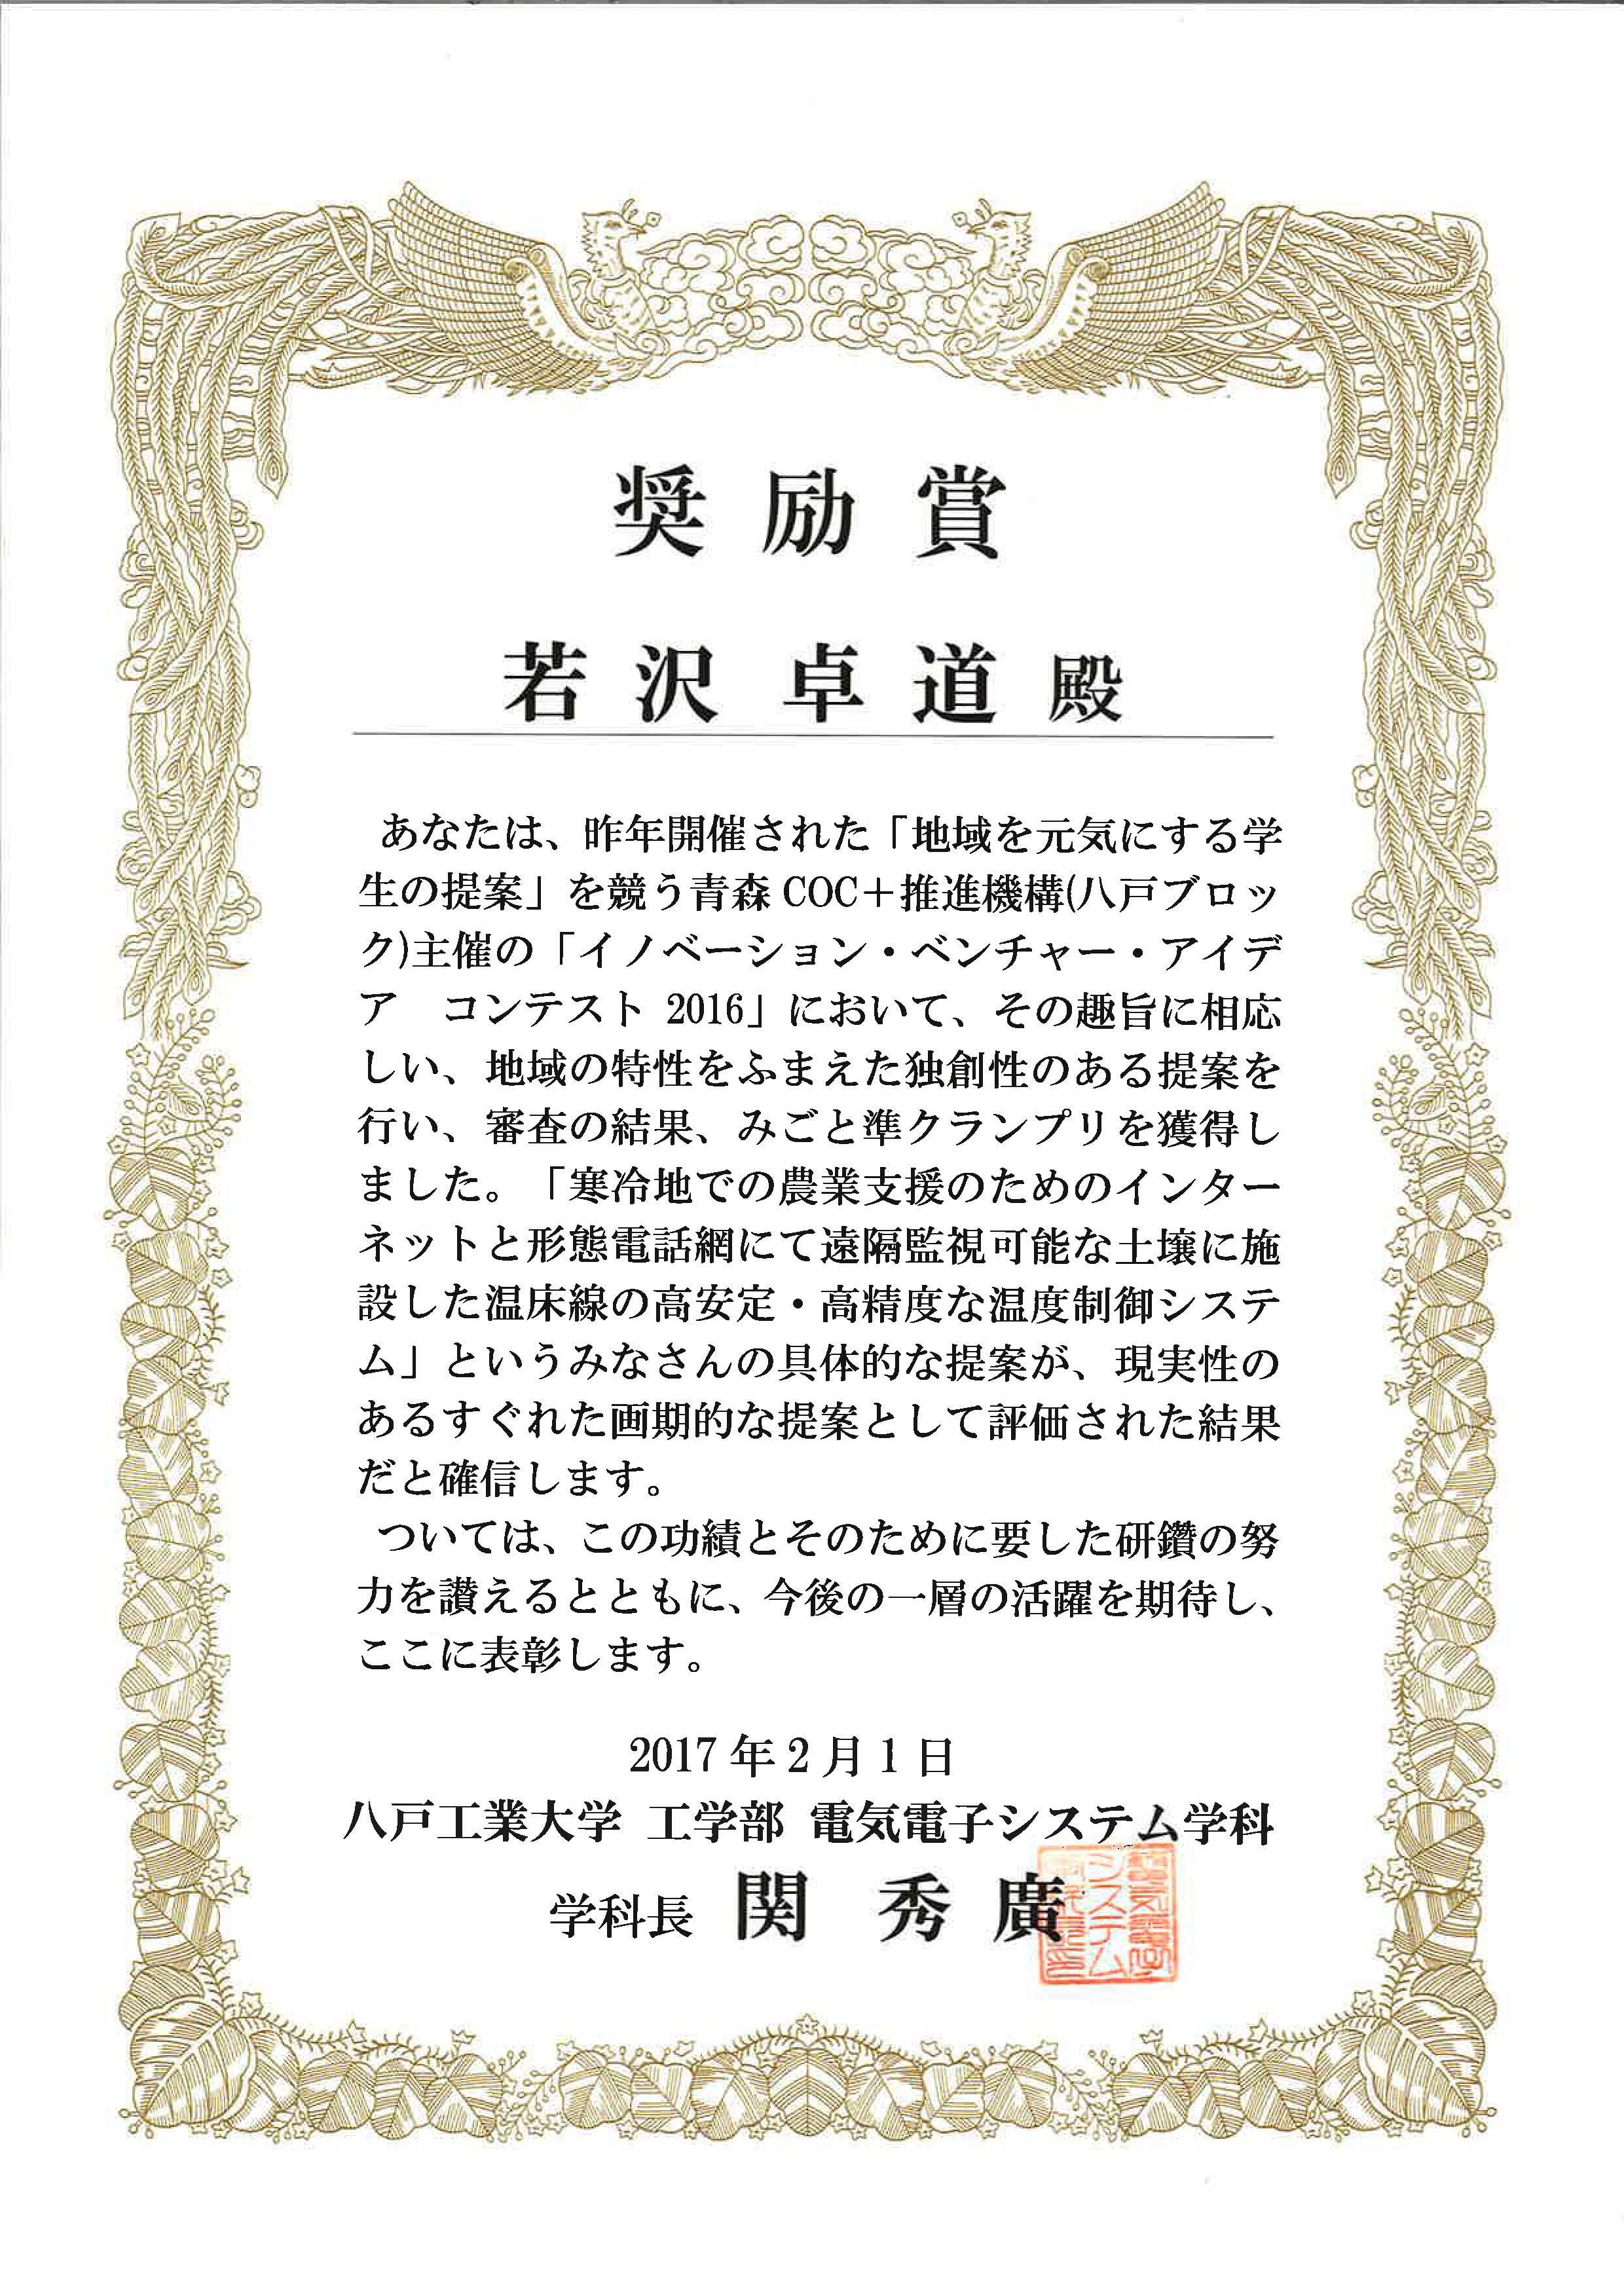 20170202104953若沢